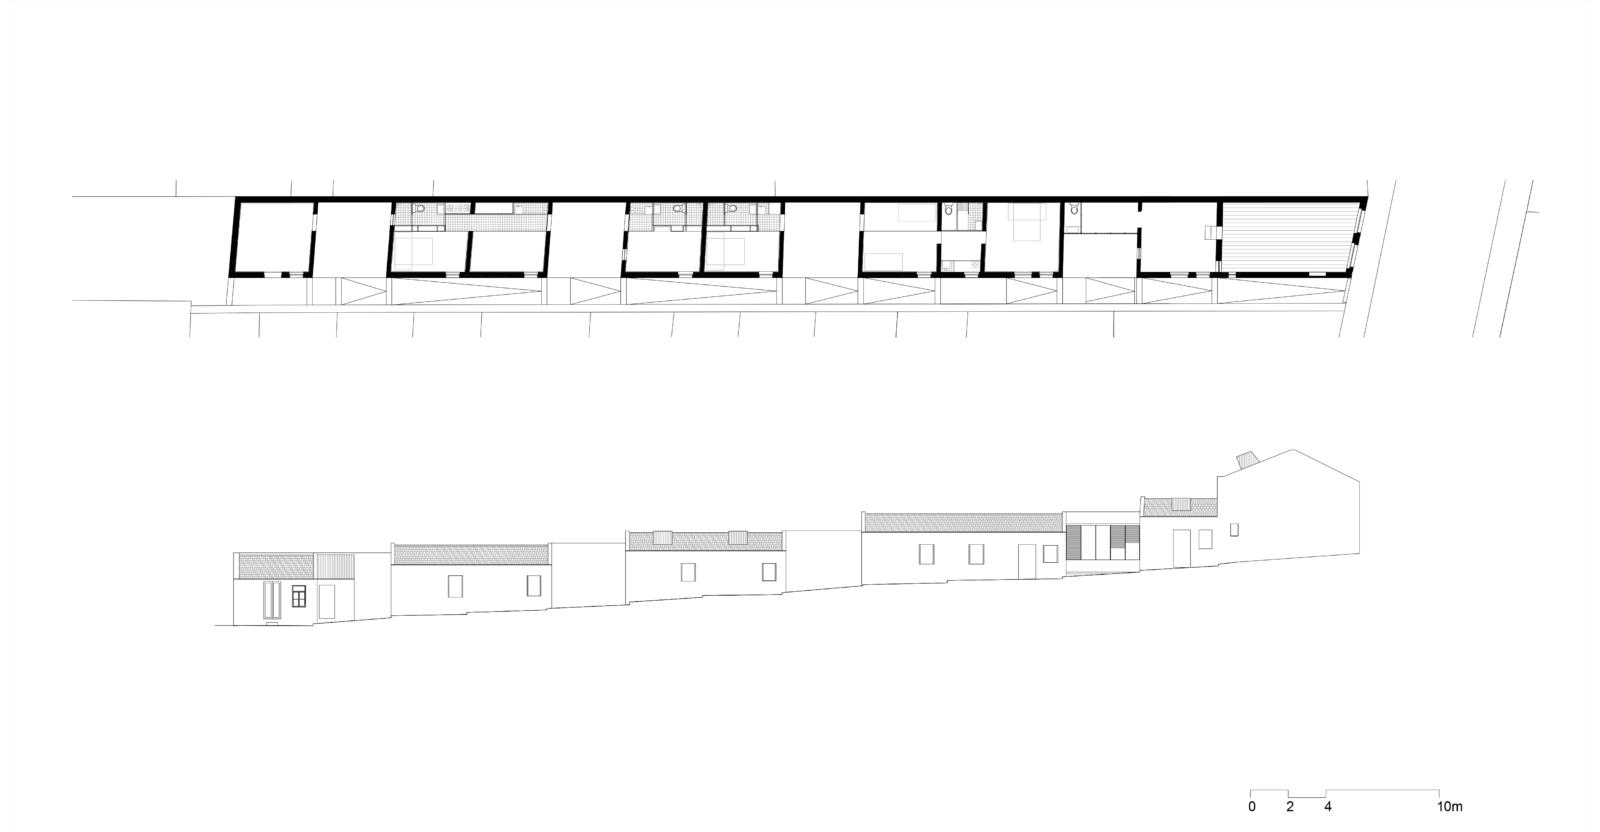 """Cenário 1 """"Artist residence- Studios 2+1"""": planta e alçado"""